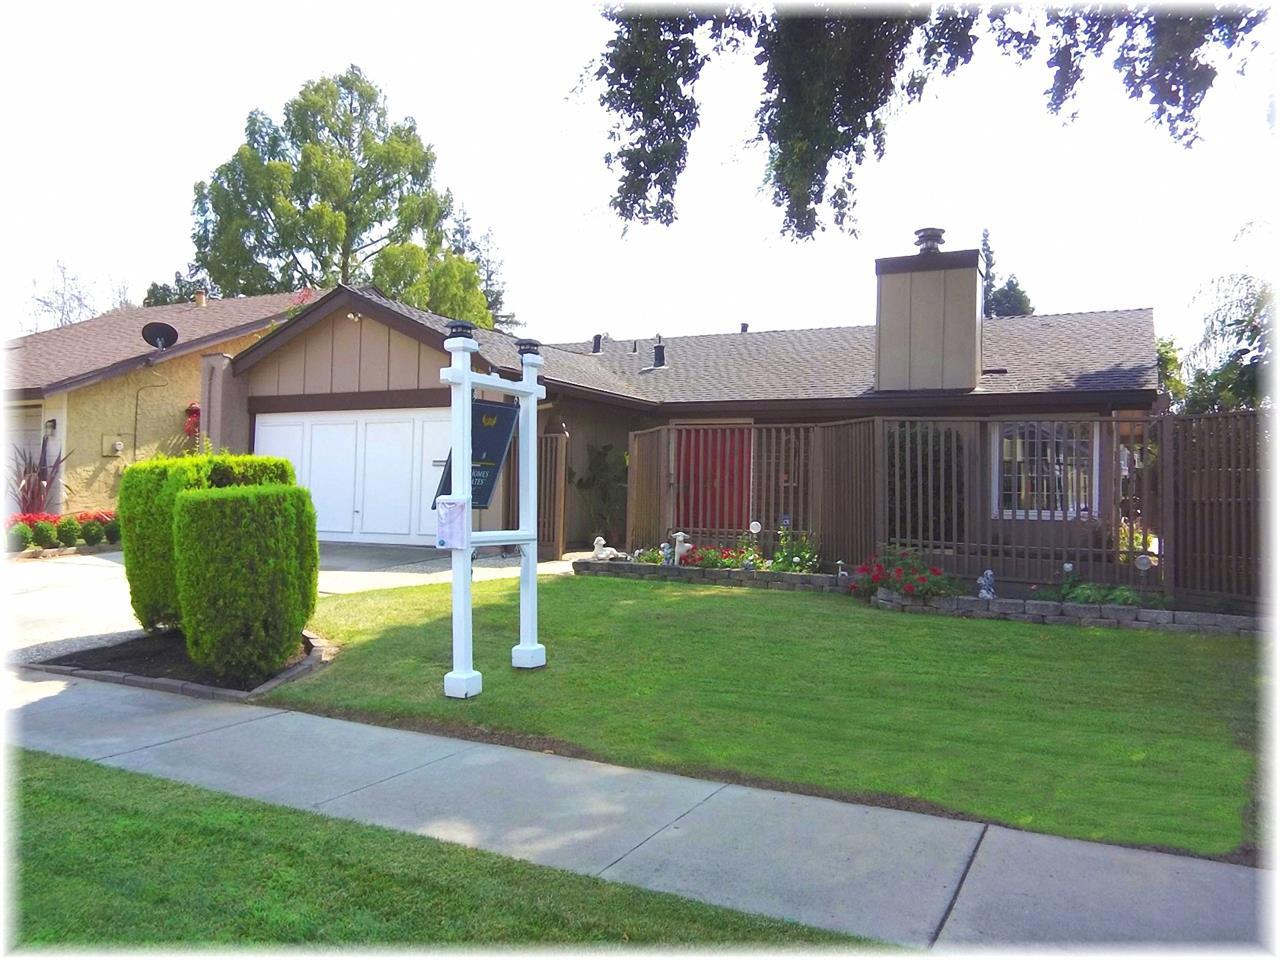 7205 Via Lomas San Jose, CA 95139 - MLS #: ML81720391